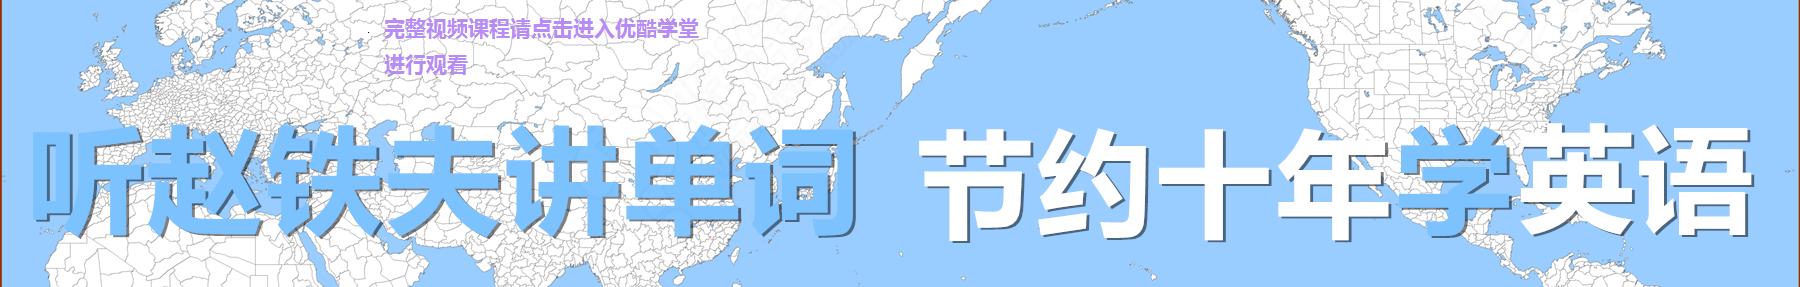 赵铁夫 banner